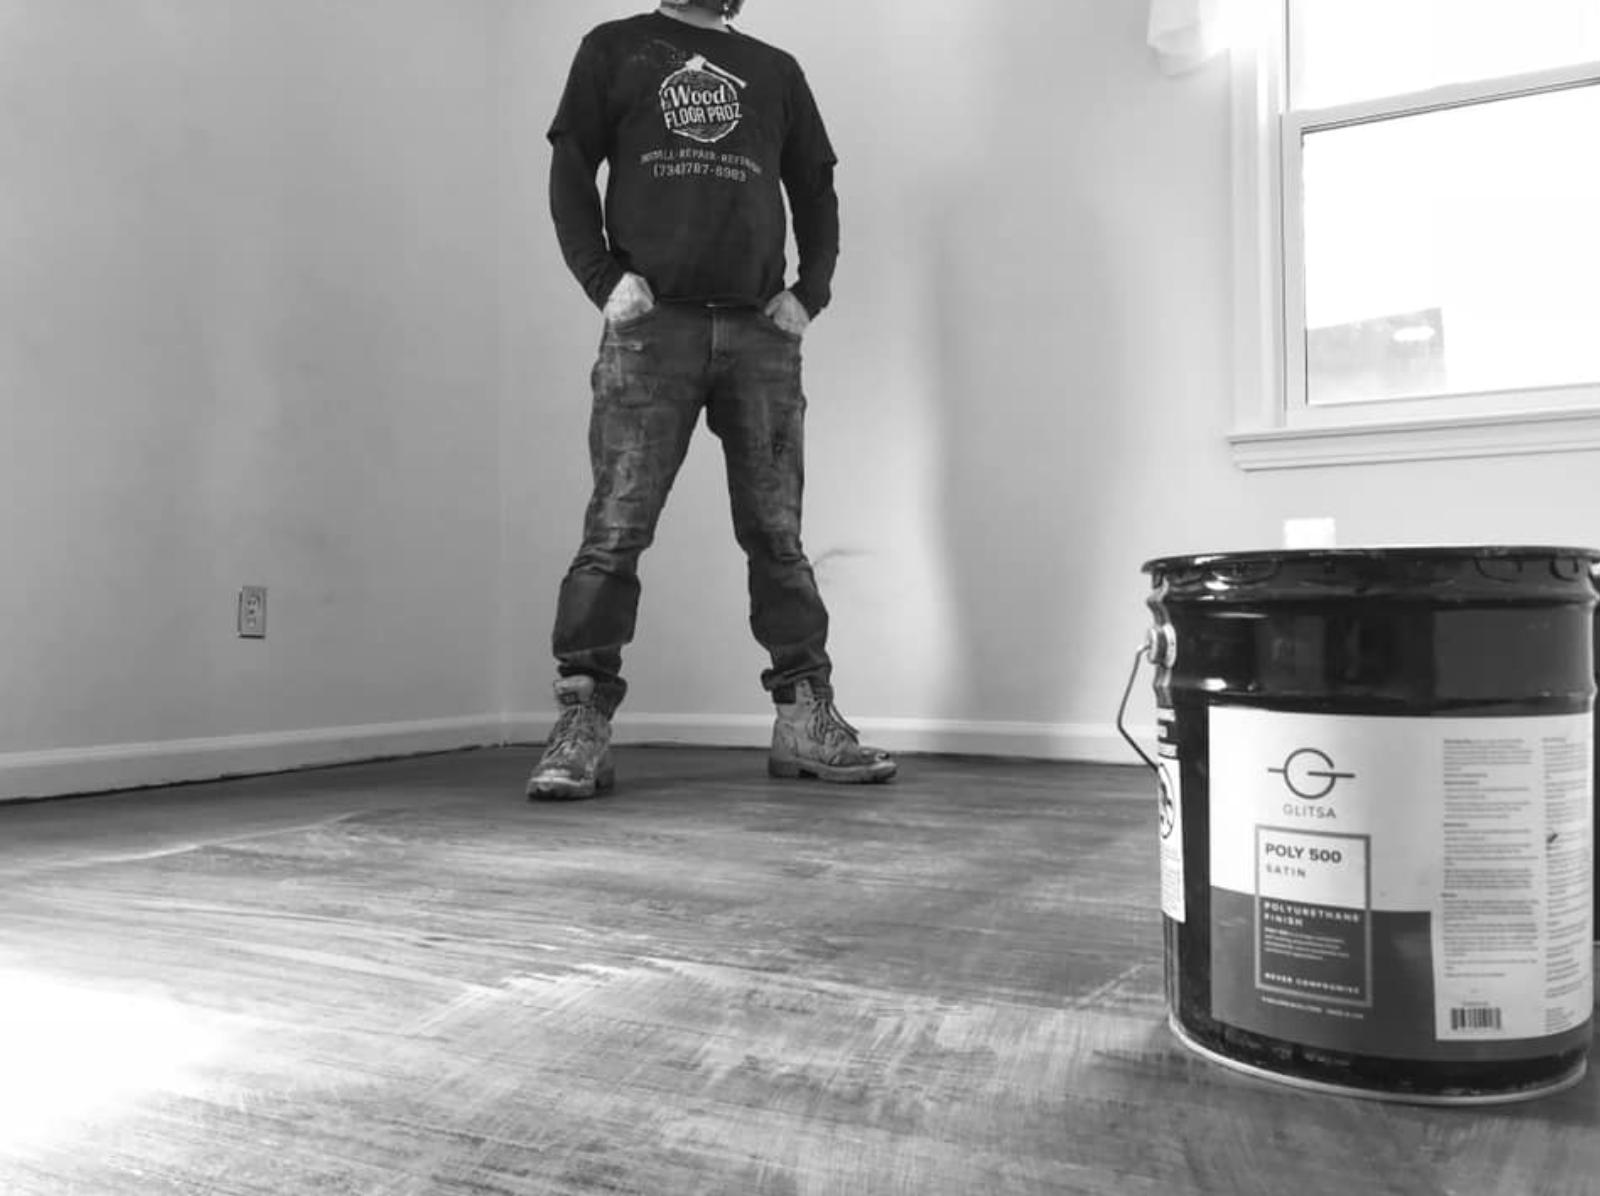 Wood Floor Proz Use Glitsa Products Wood Floors Flooring Hardwood Stairs